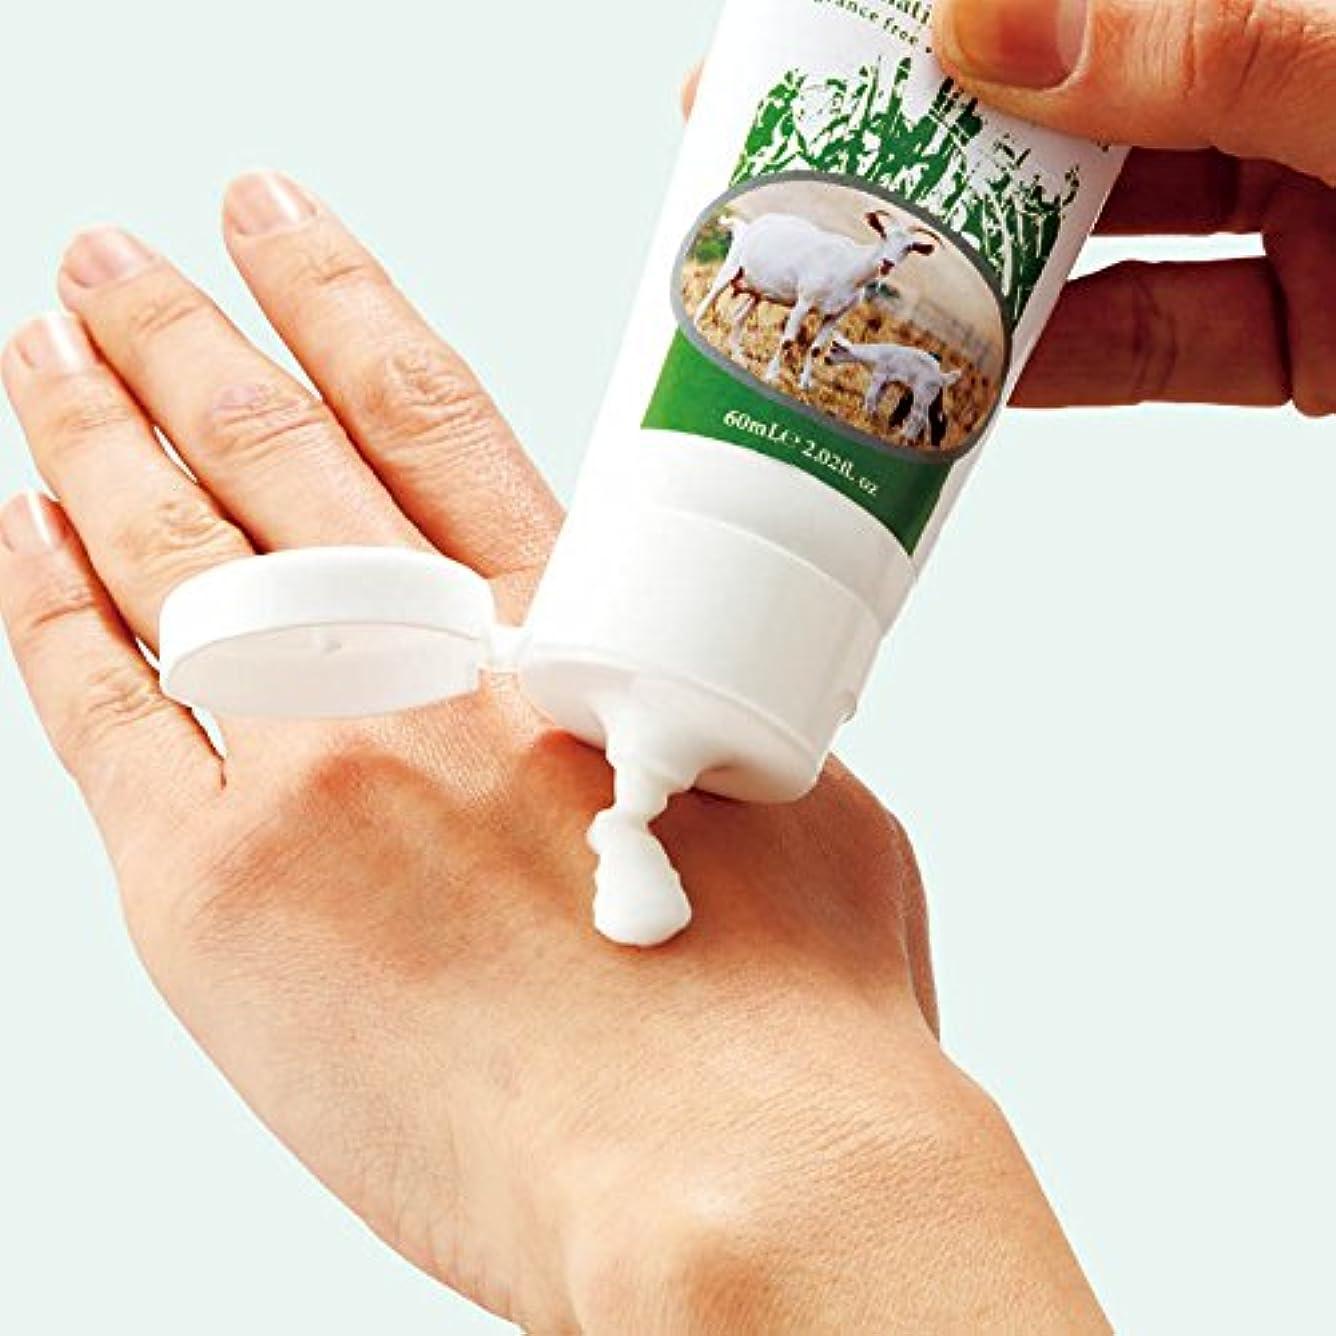 展望台グラフィックシーズンオーストラリア 土産 ティリー ゴートミルク ハンドクリーム 3本セット (海外旅行 オーストラリア お土産)